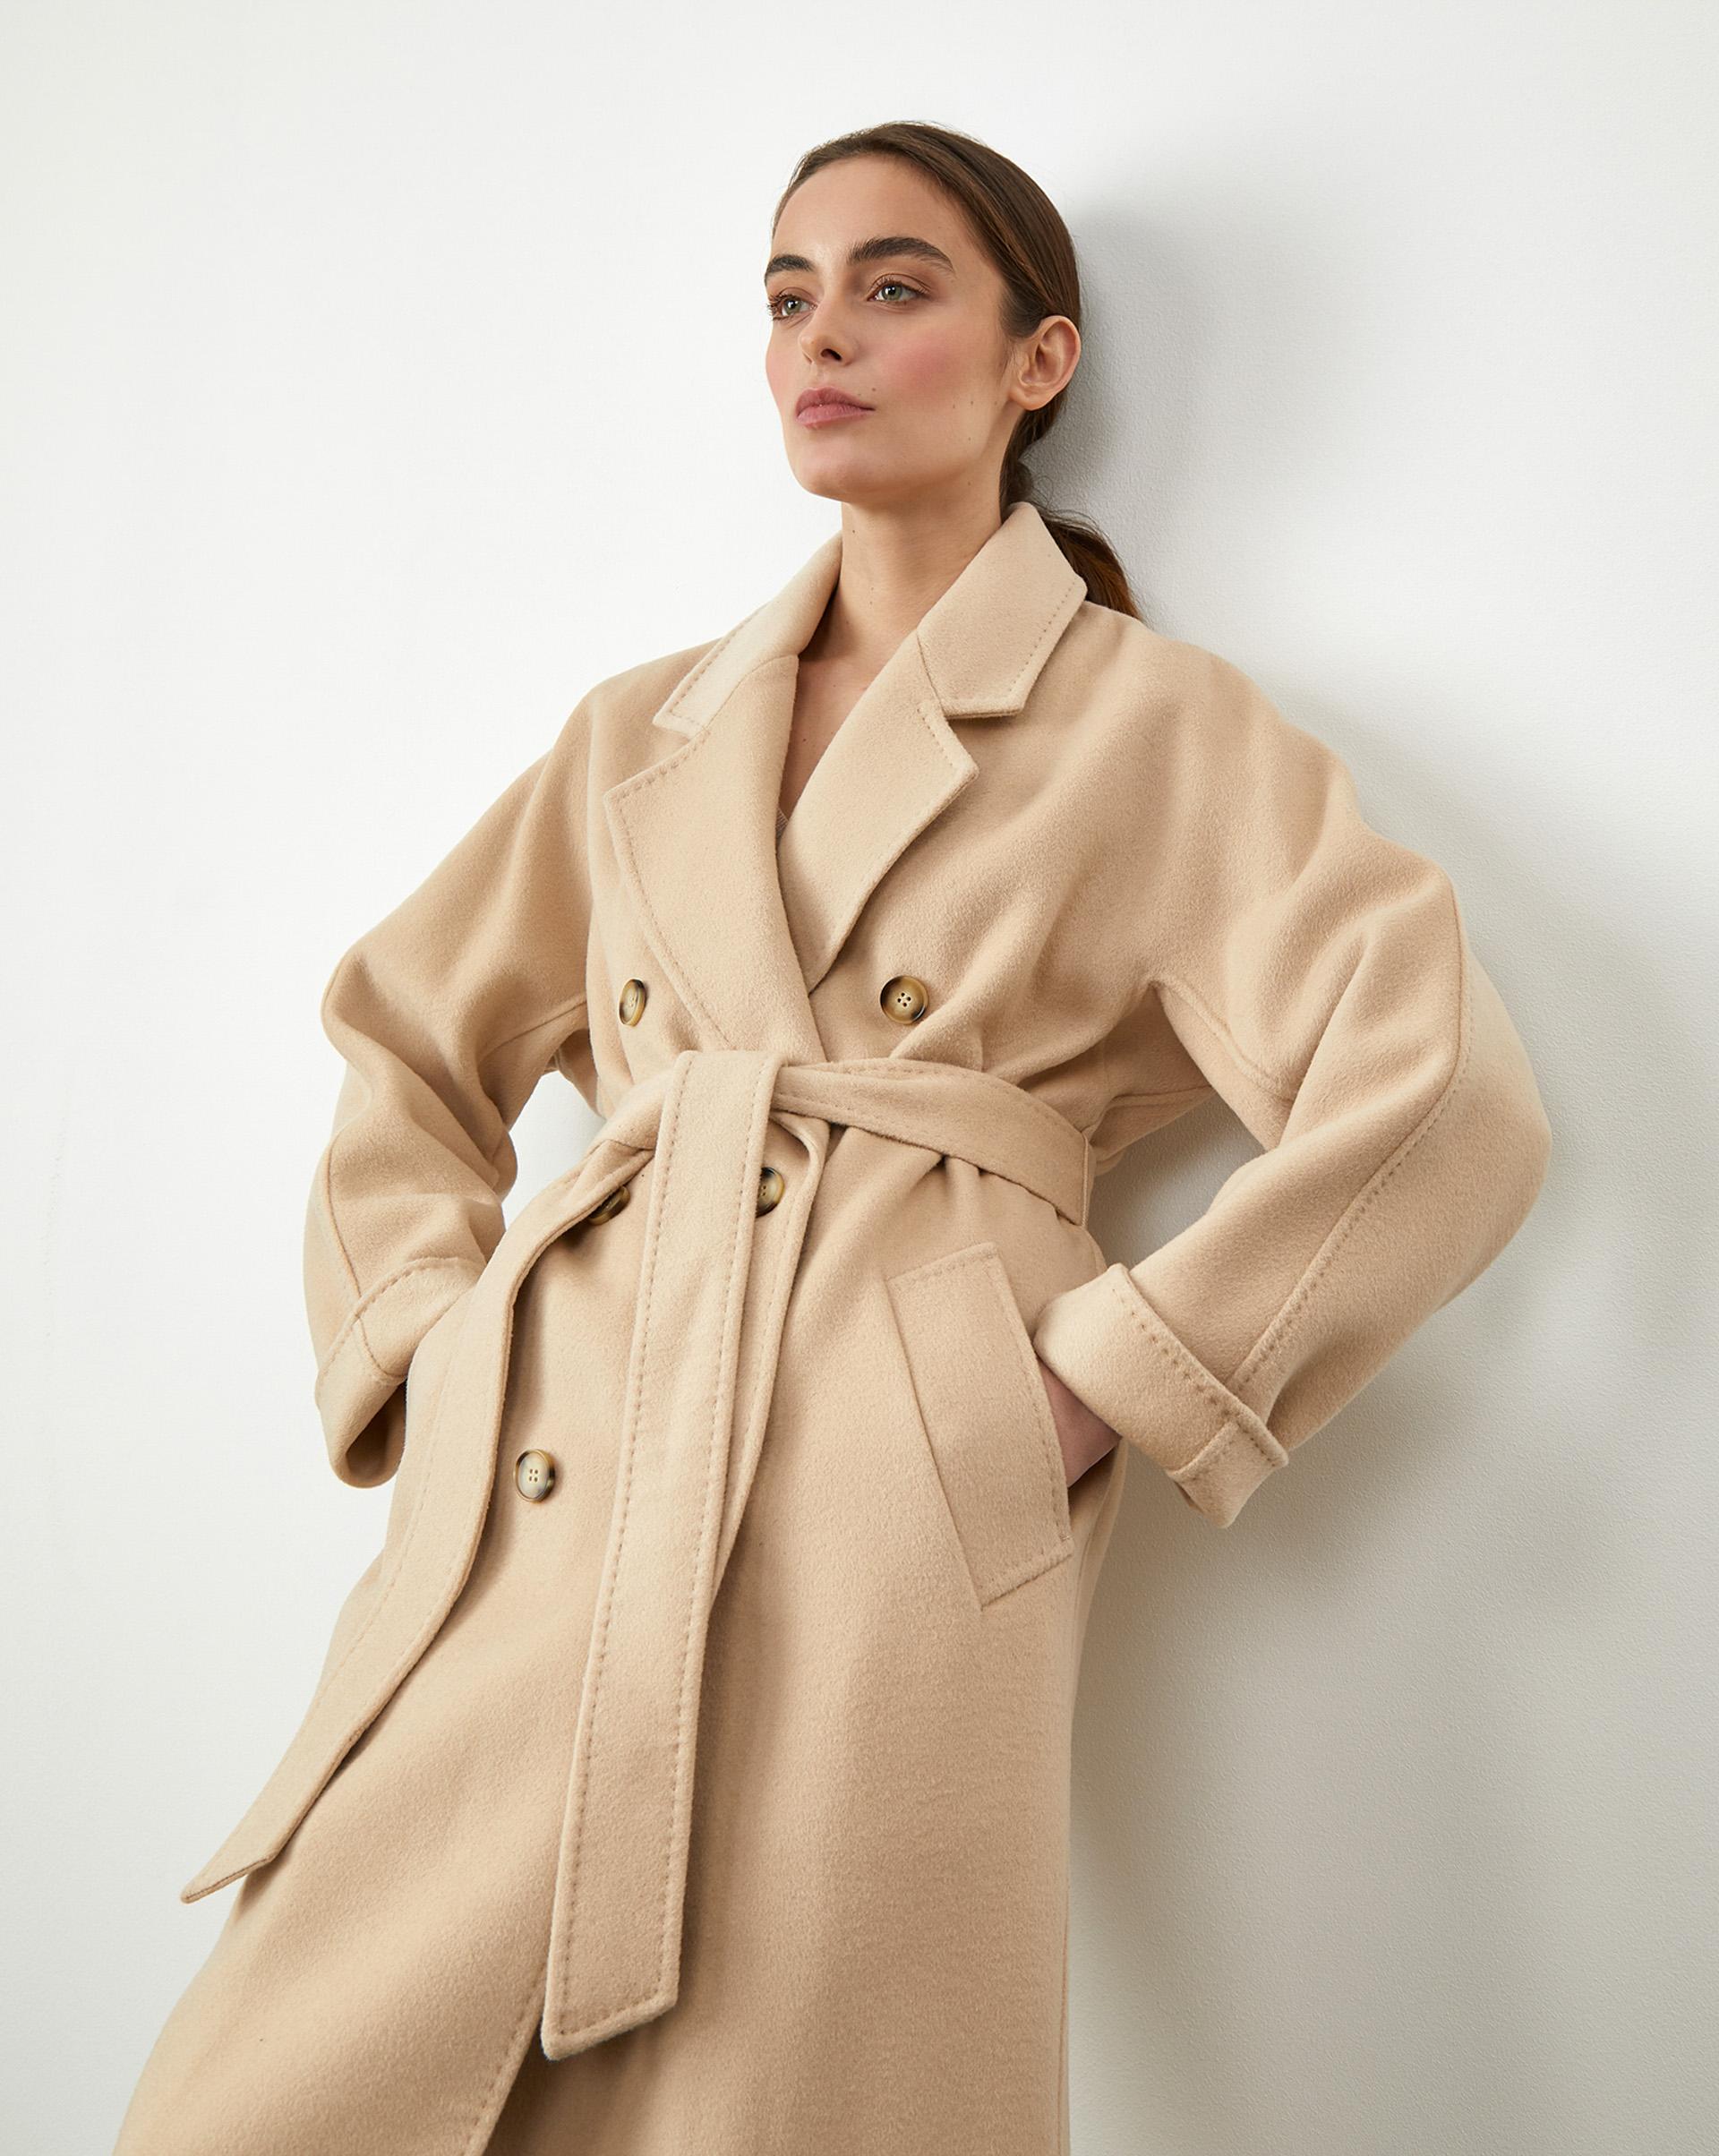 12⠀STOREEZ Пальто двубортное на поясе 12⠀storeez пальто двубортное на поясе